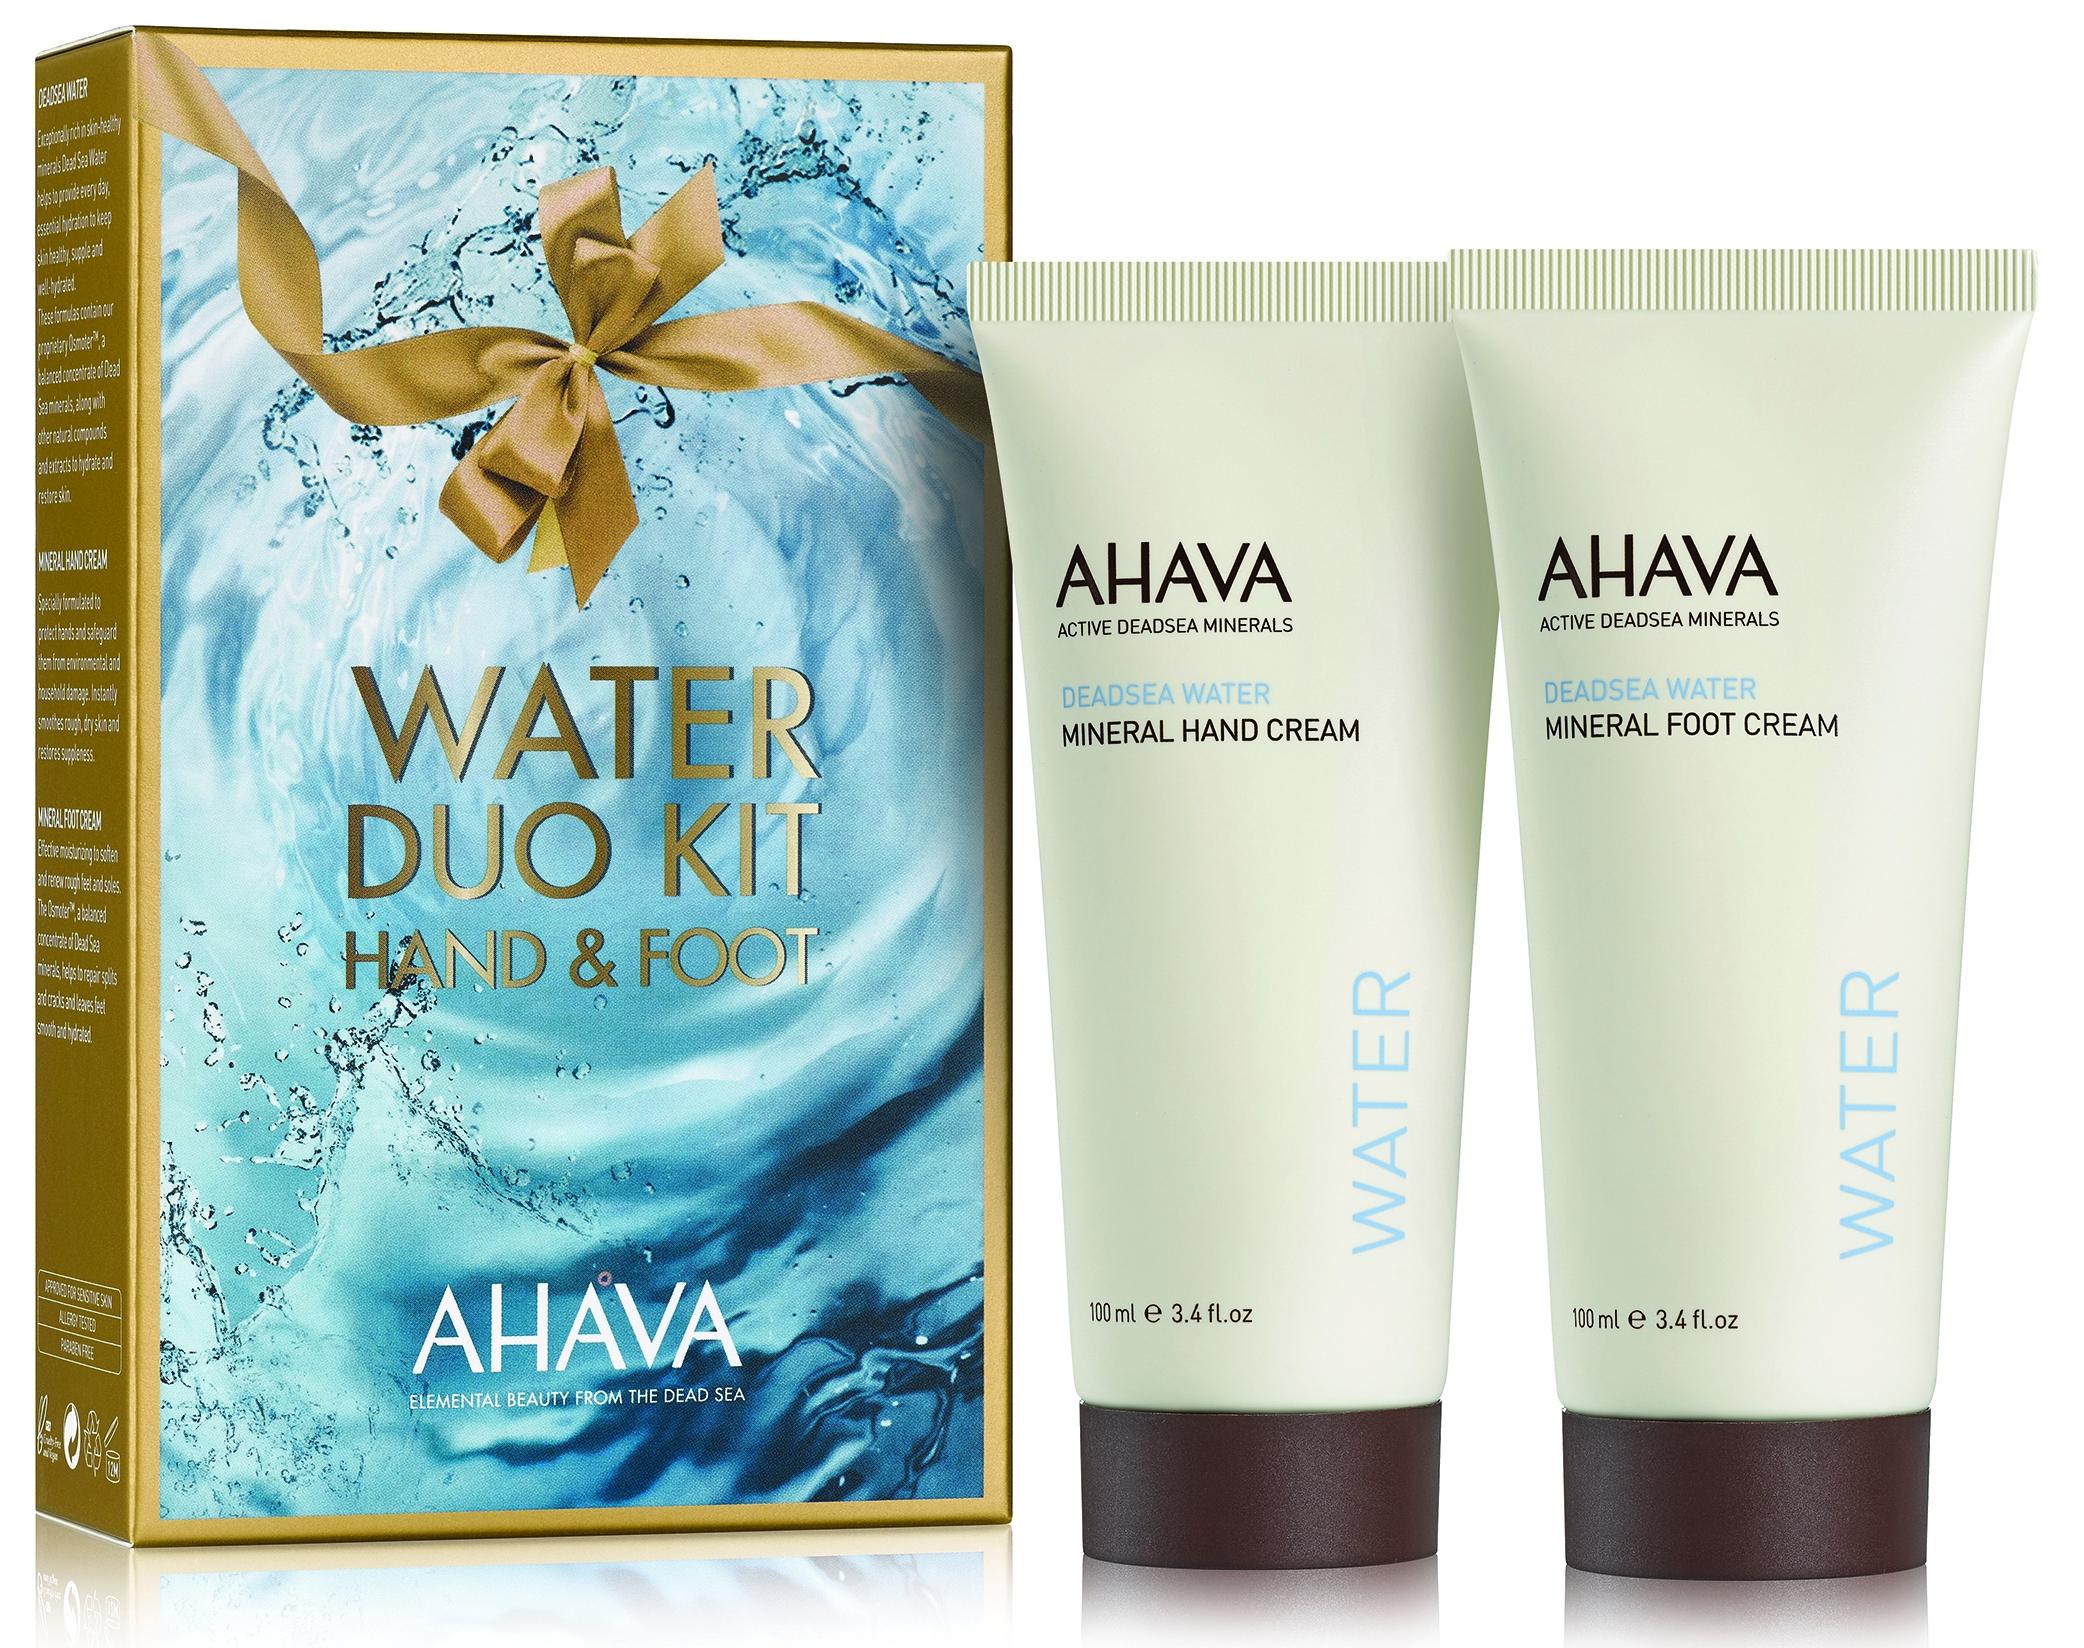 AHAVA Набор для тела (крем минеральный рук 100 мл, крем ног мл) / Deadsea Water